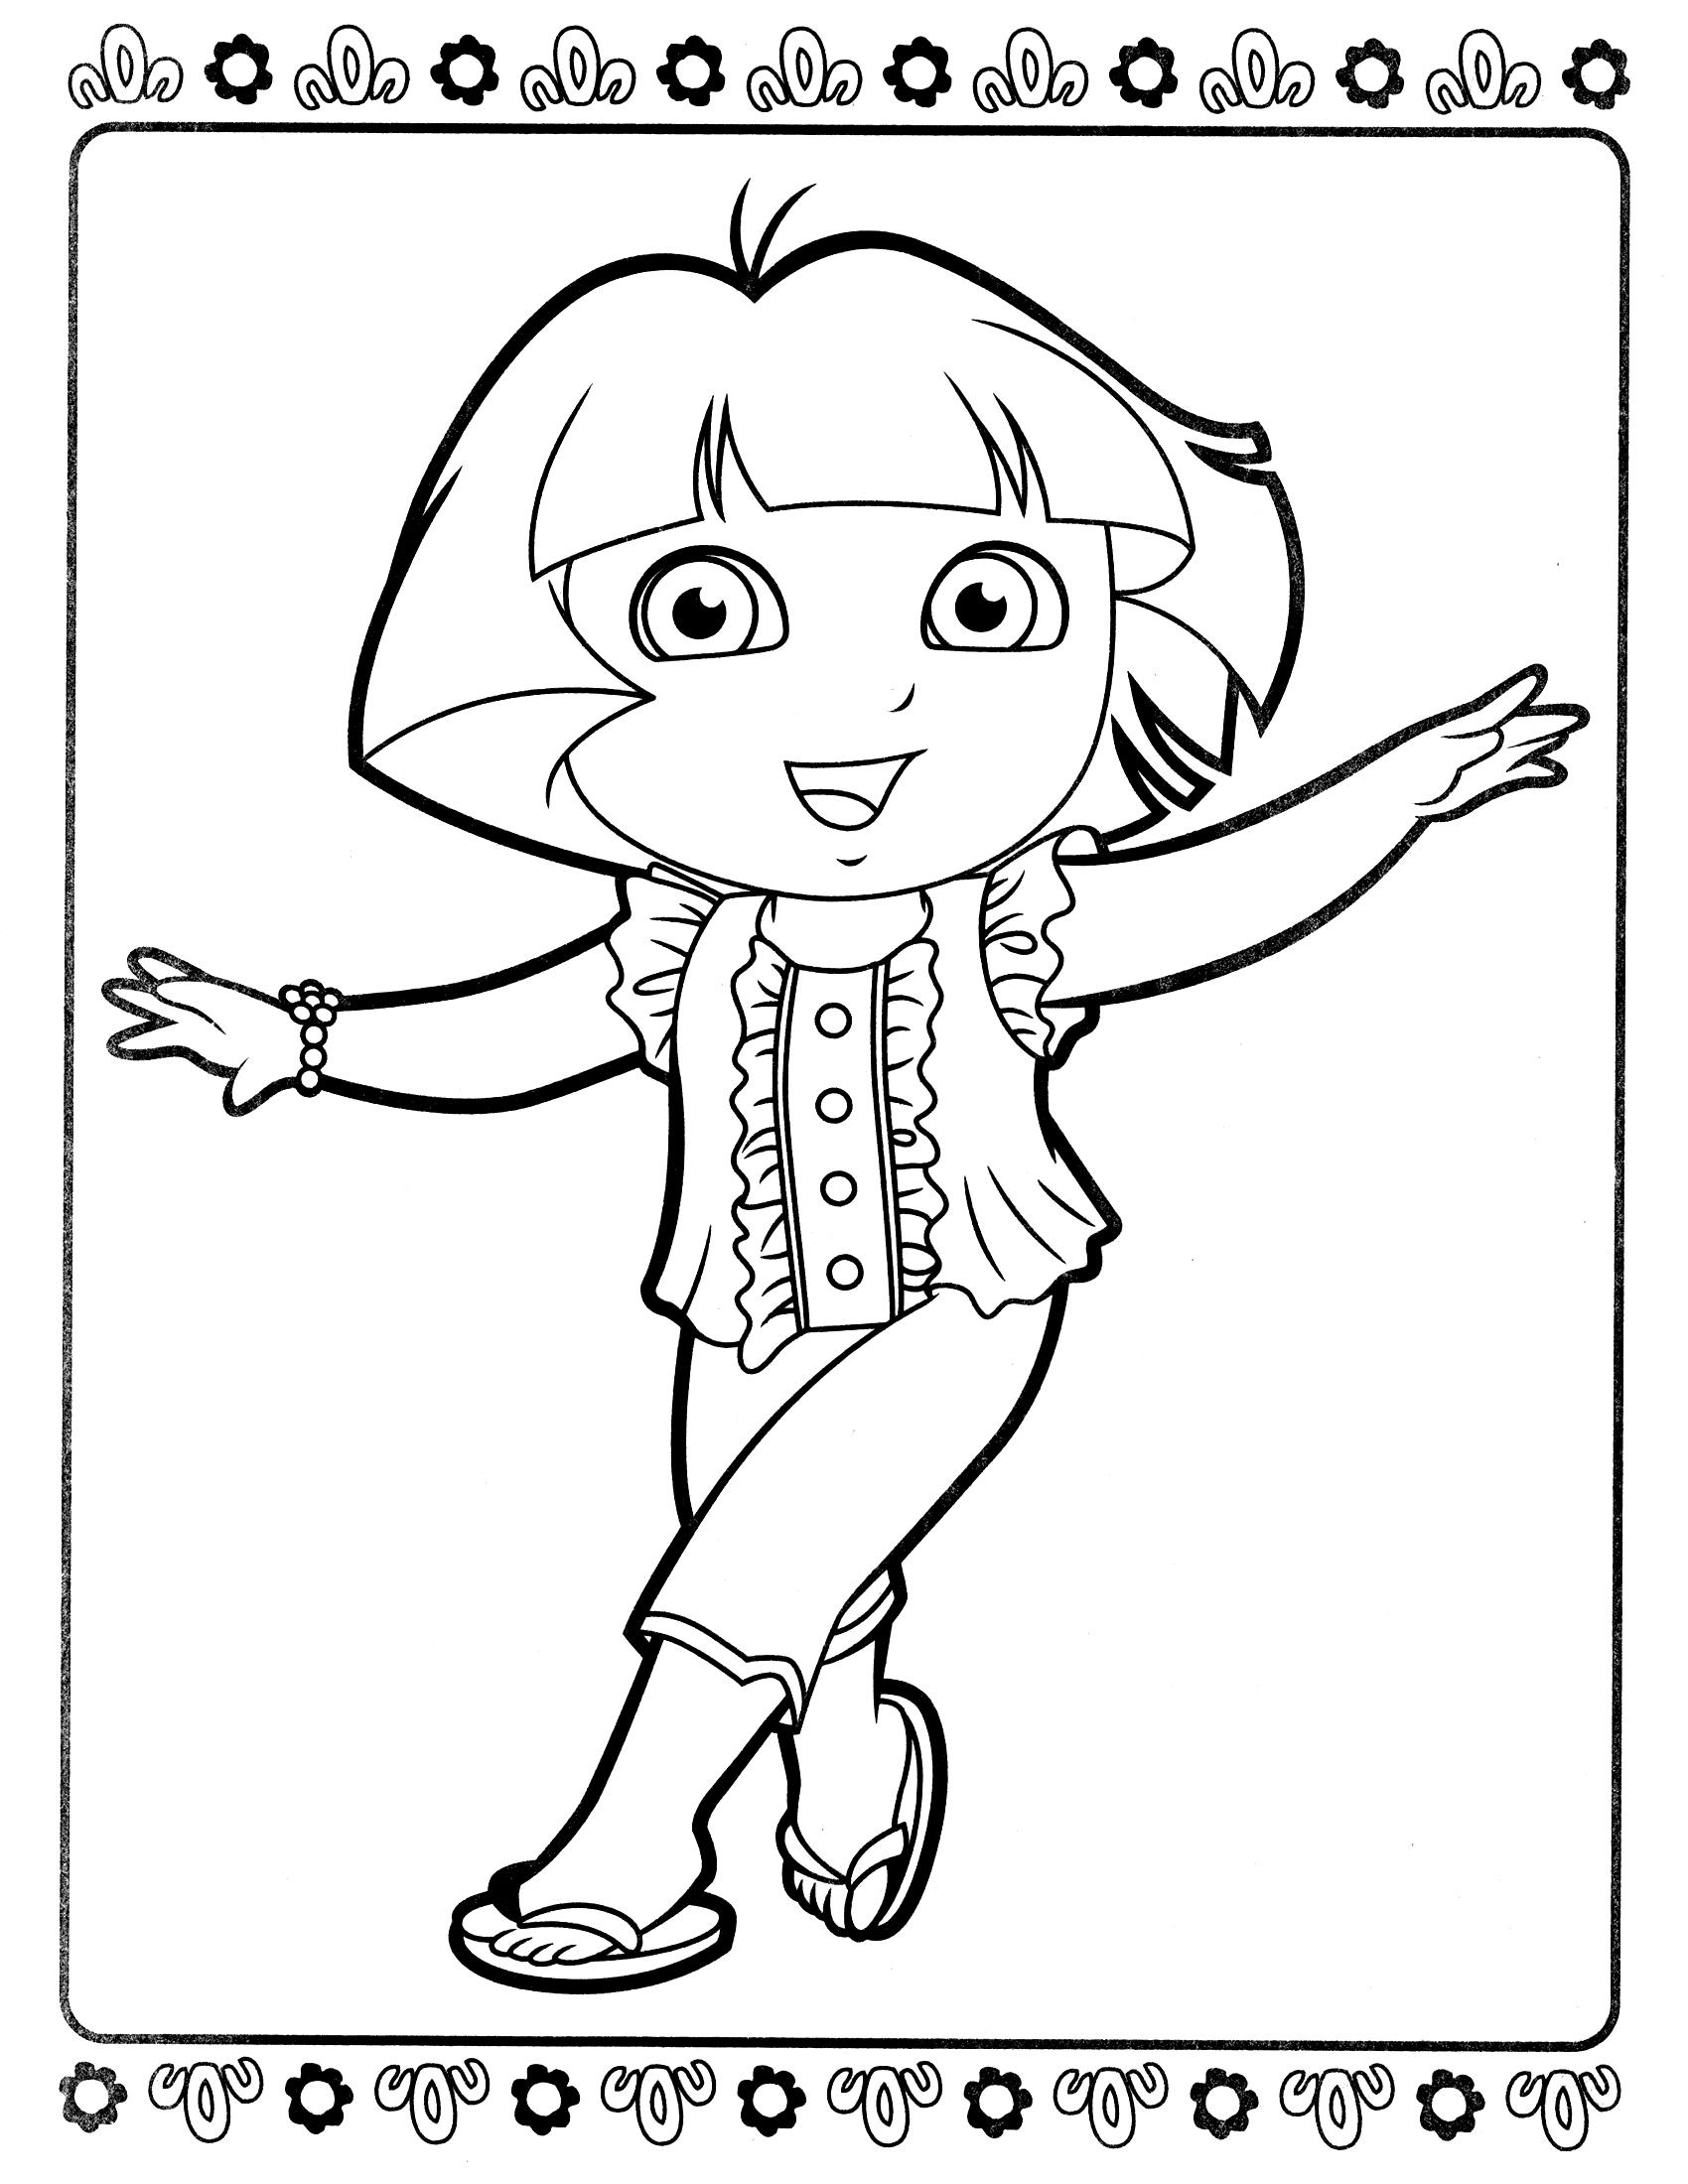 раскраски для девочек детские раскраски с изображениями ...